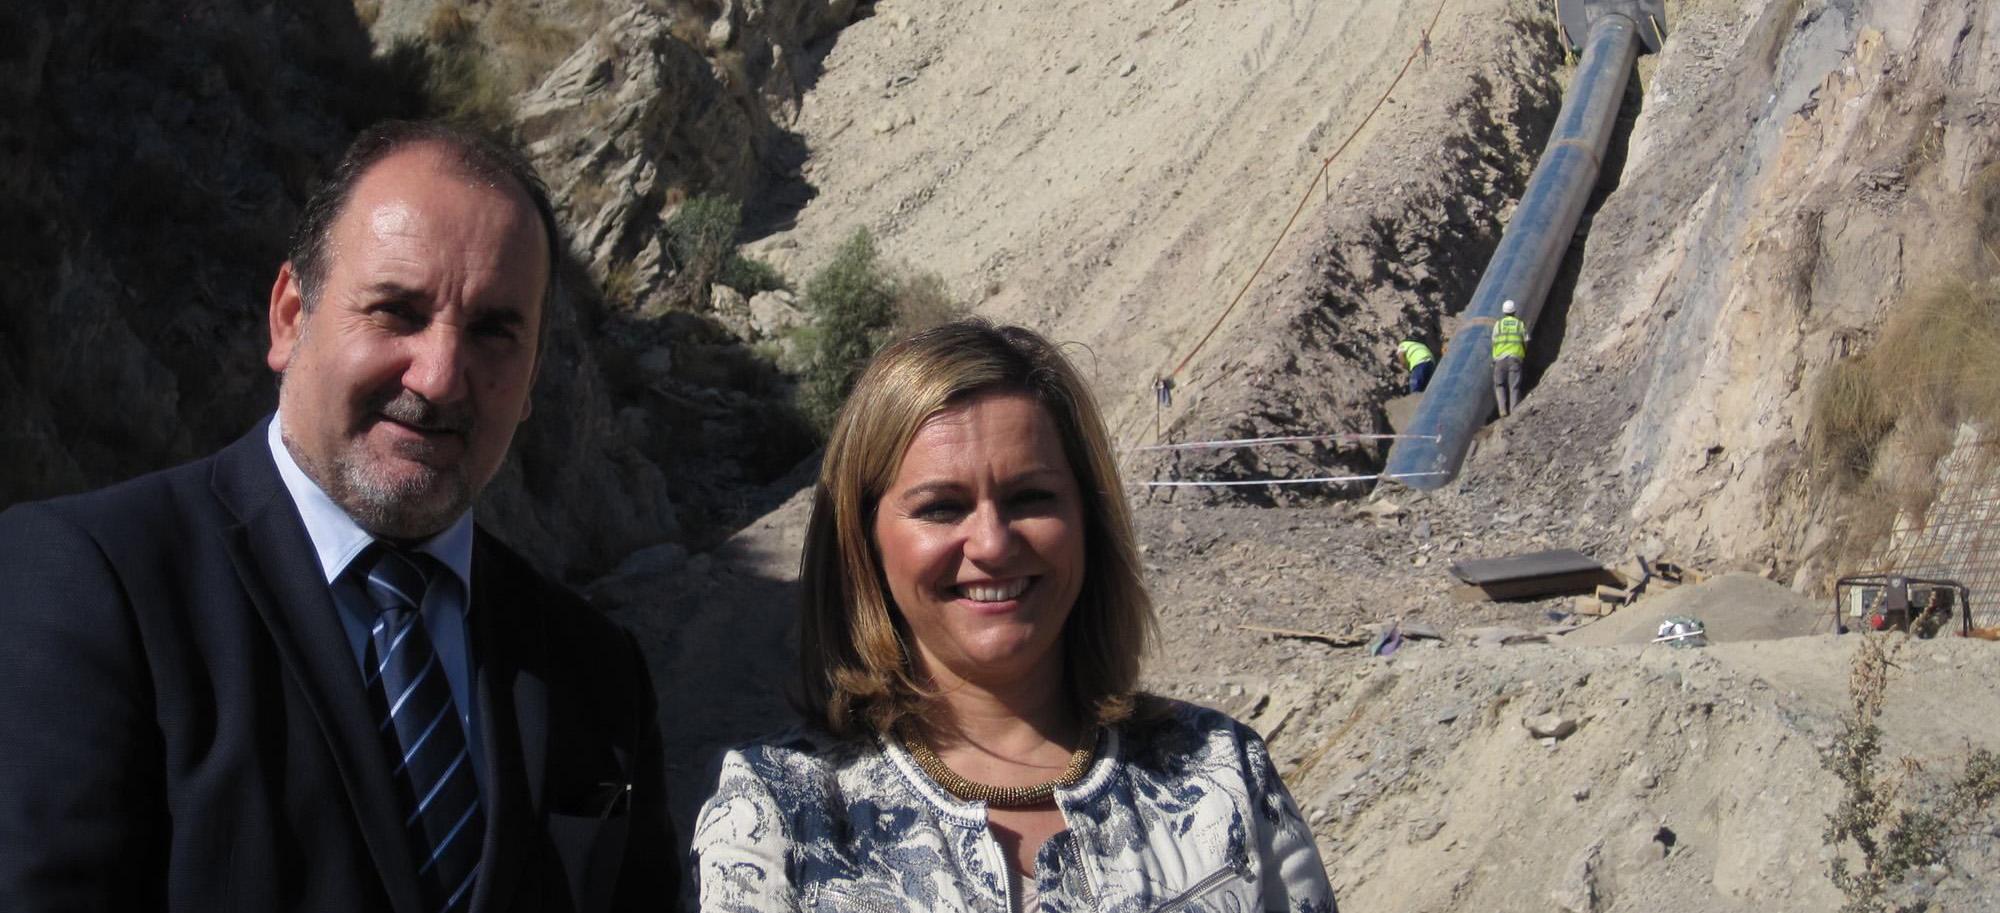 La comarca del Almanzora recibirá el próximo año 50 hectómetros cúbicos de agua del trasvase del Negratín